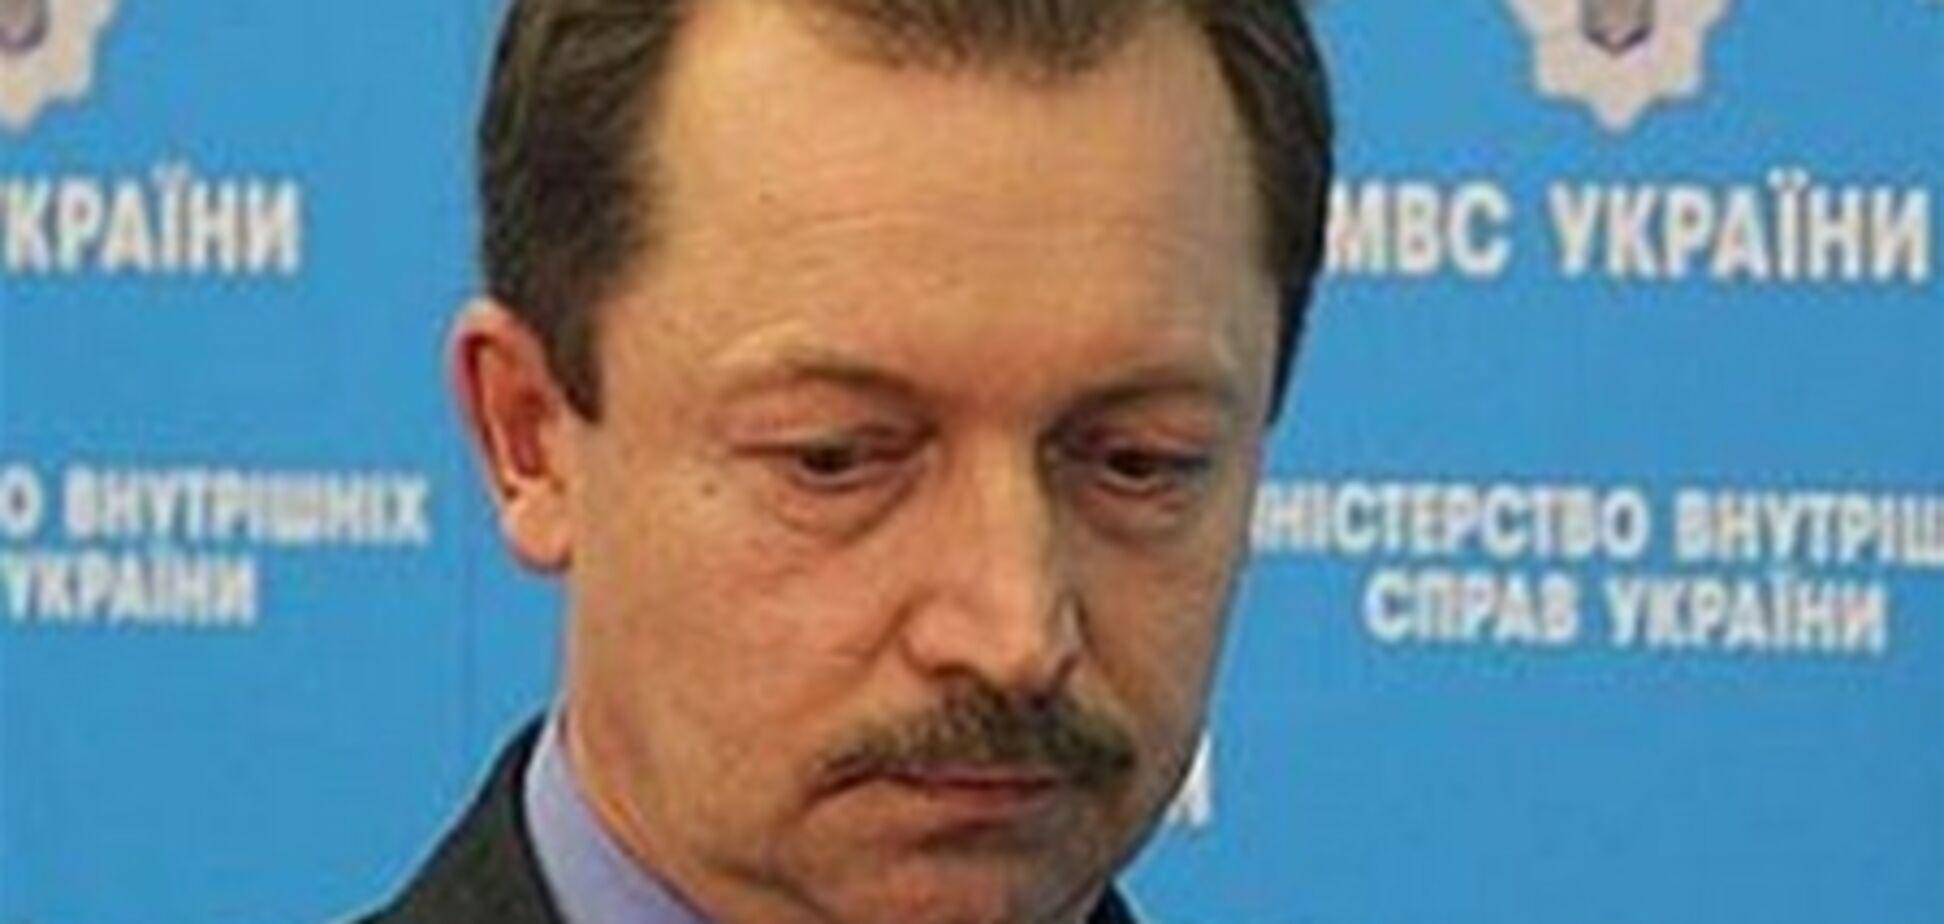 Спикер МВД подал рапорт об отставке